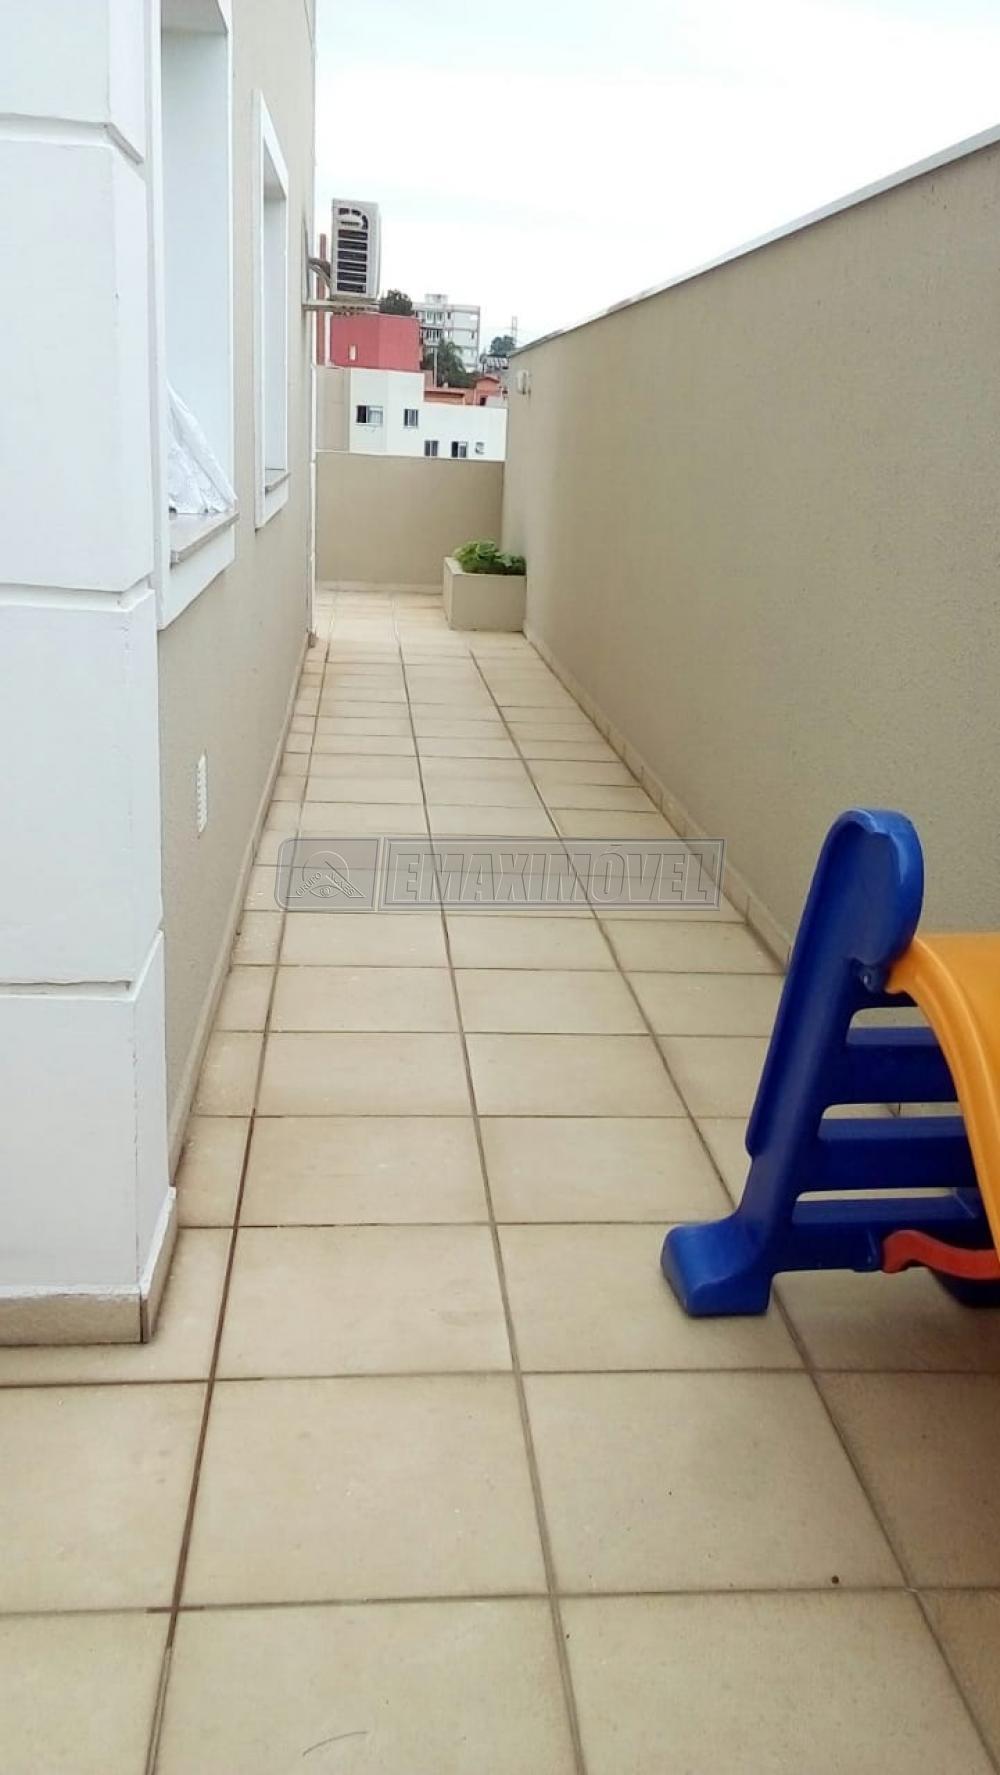 Comprar Apartamentos / Apto Padrão em Sorocaba apenas R$ 395.000,00 - Foto 20